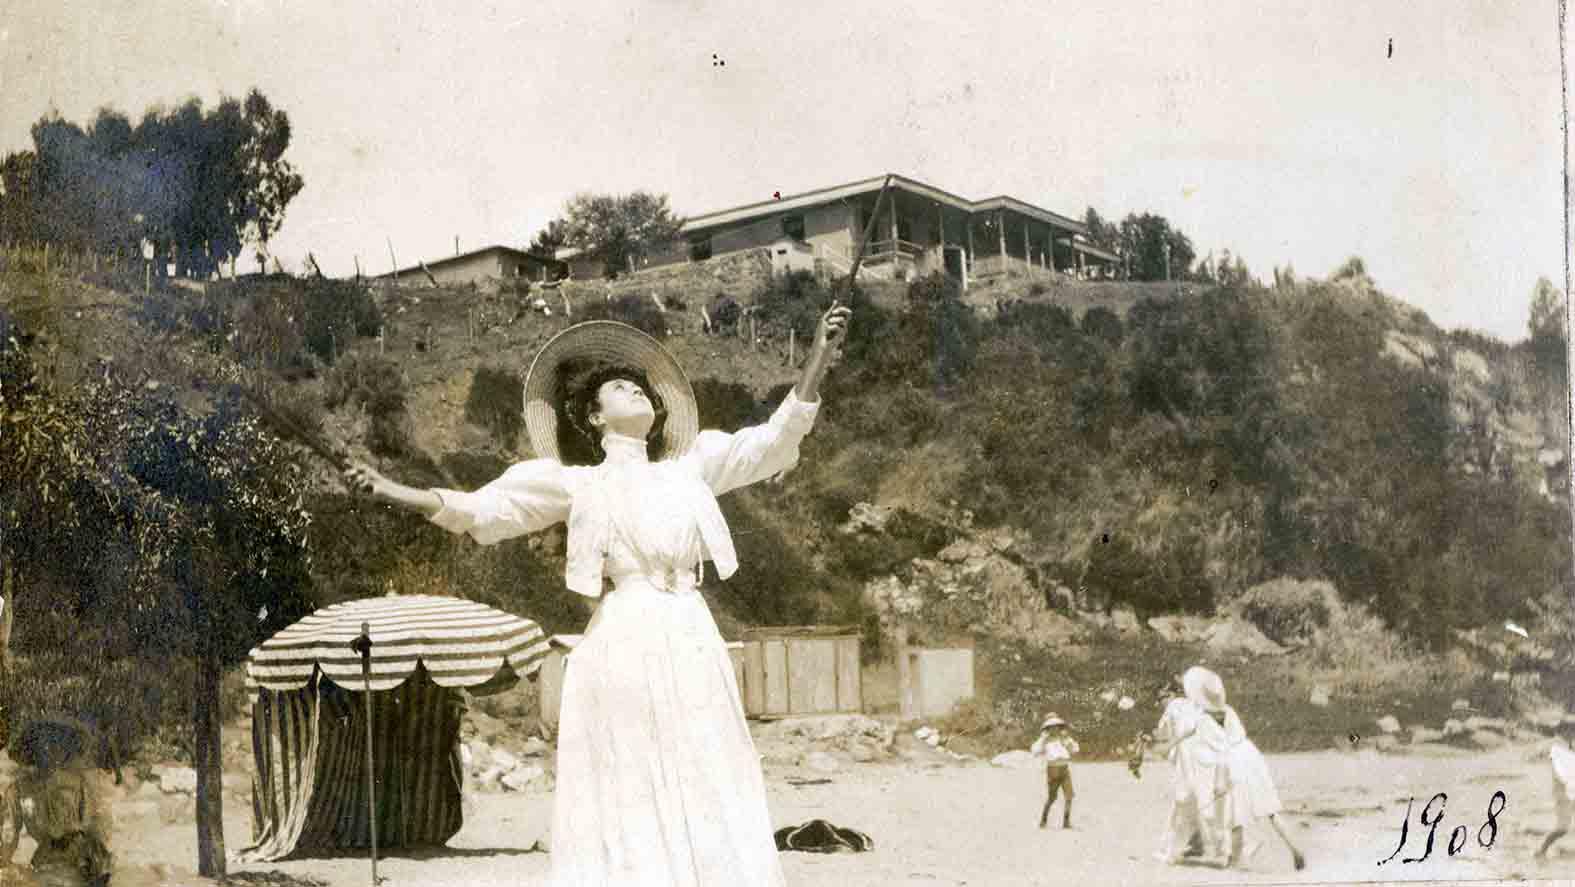 Enterreno - Fotos históricas de chile - fotos antiguas de Chile - Zapallar en 1908